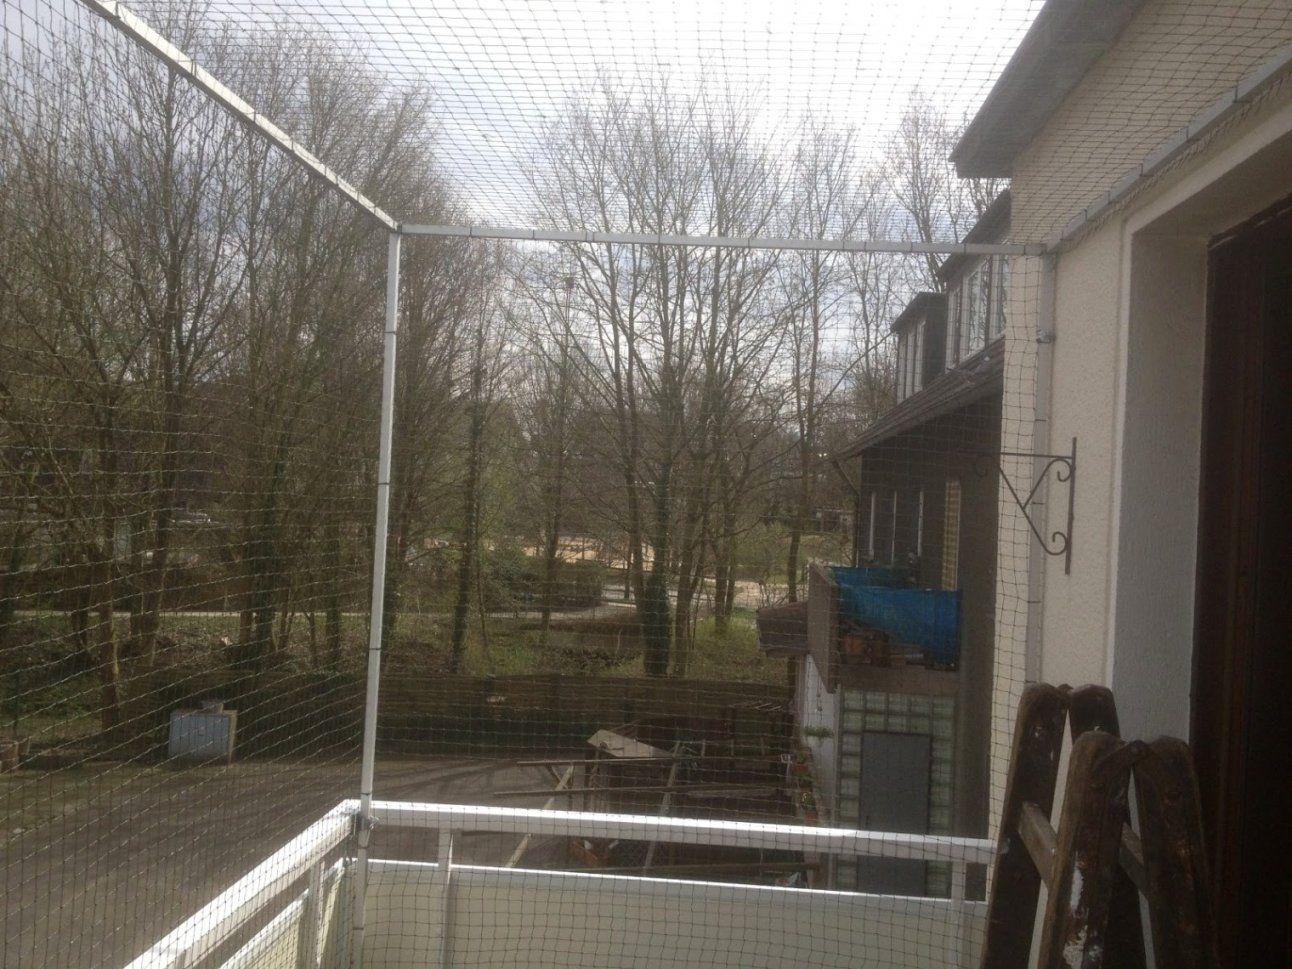 Sichtschutz Balkon Ohne Bohren